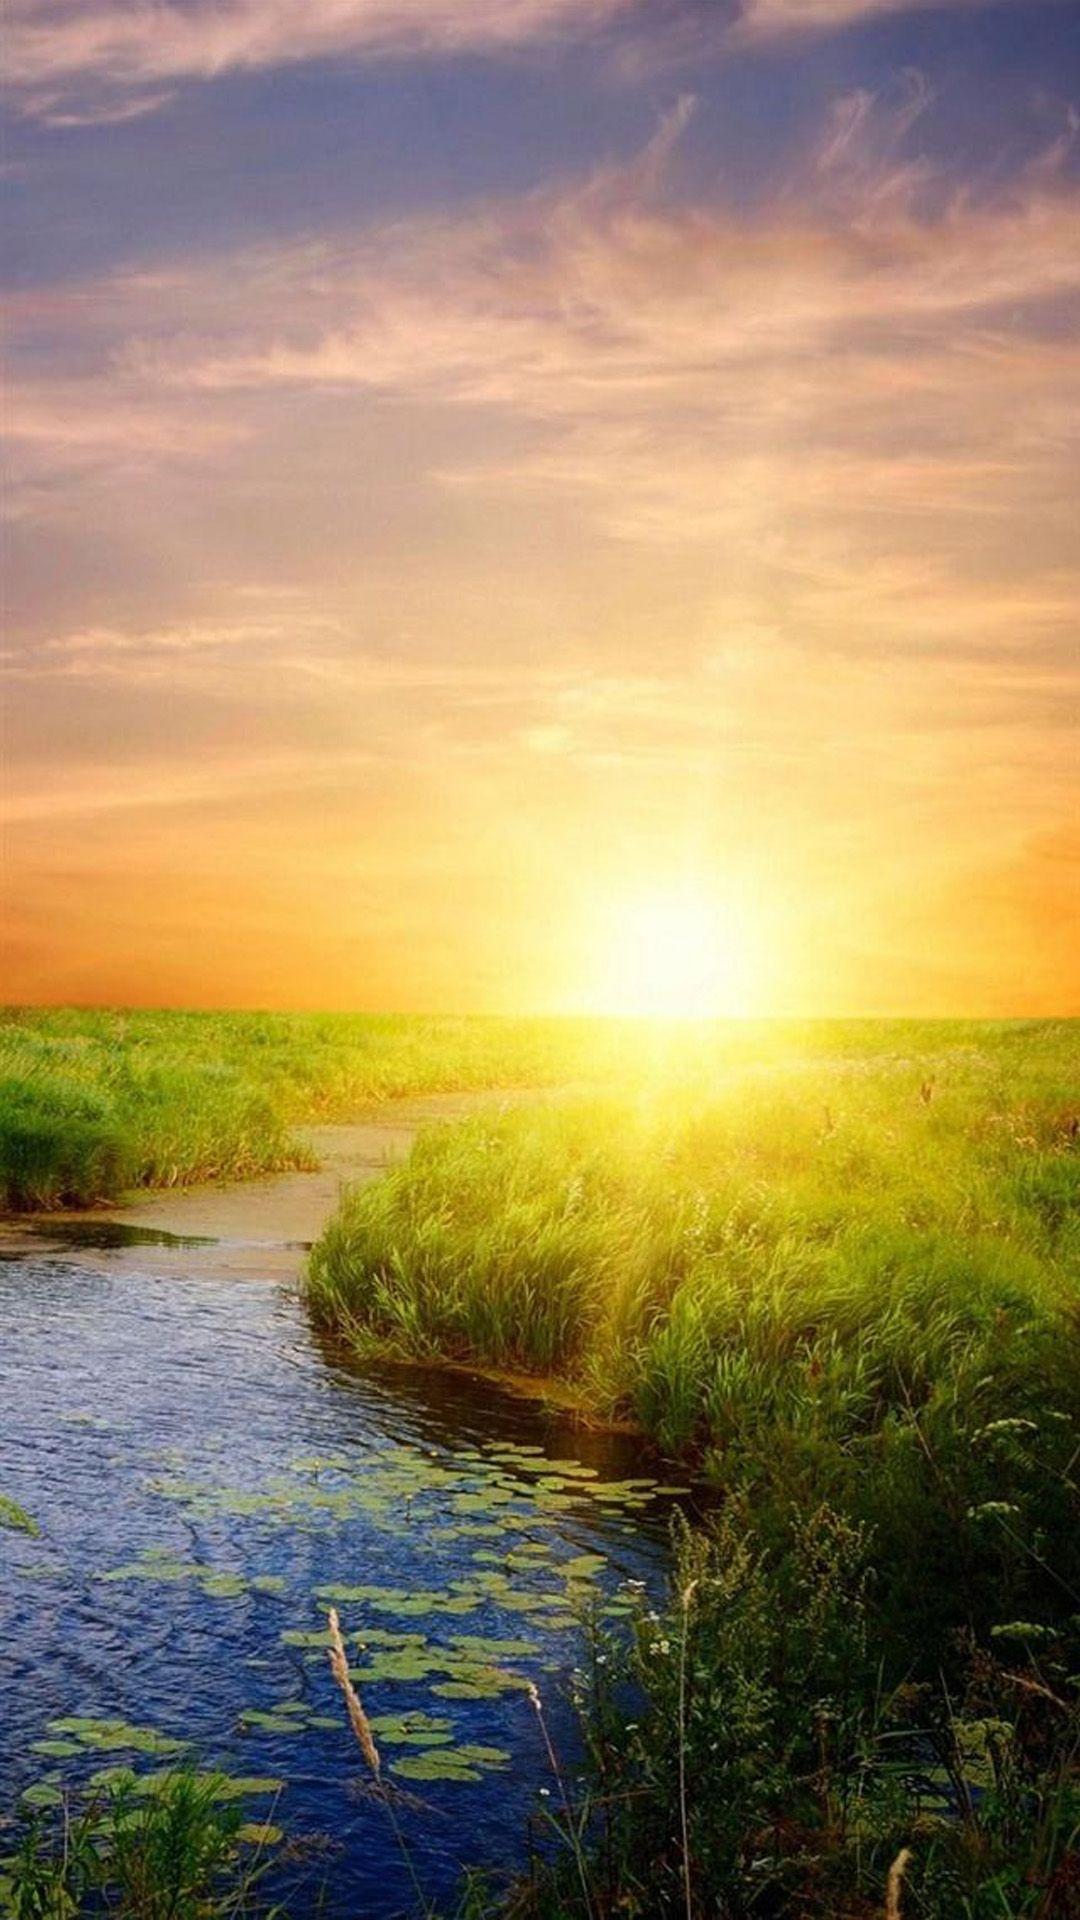 bright landscape wallpaper - photo #17